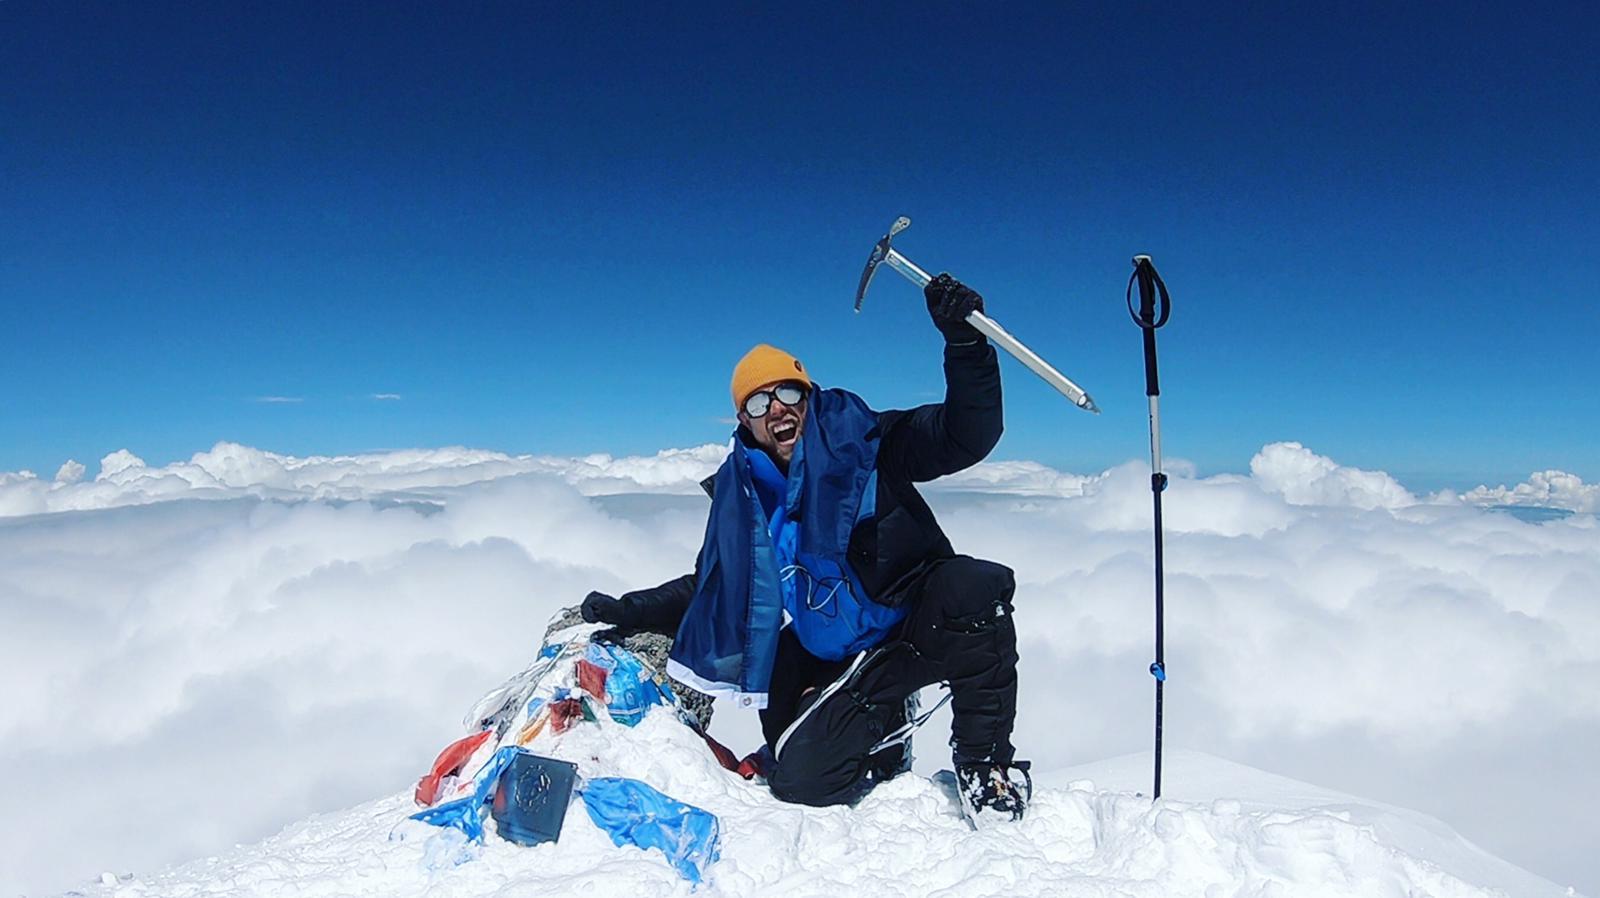 Miikka Jouhkimainen Mt. Elbrusin huipulla kesäkuussa 2018. Kuva: MIikka Jouhkimainen.